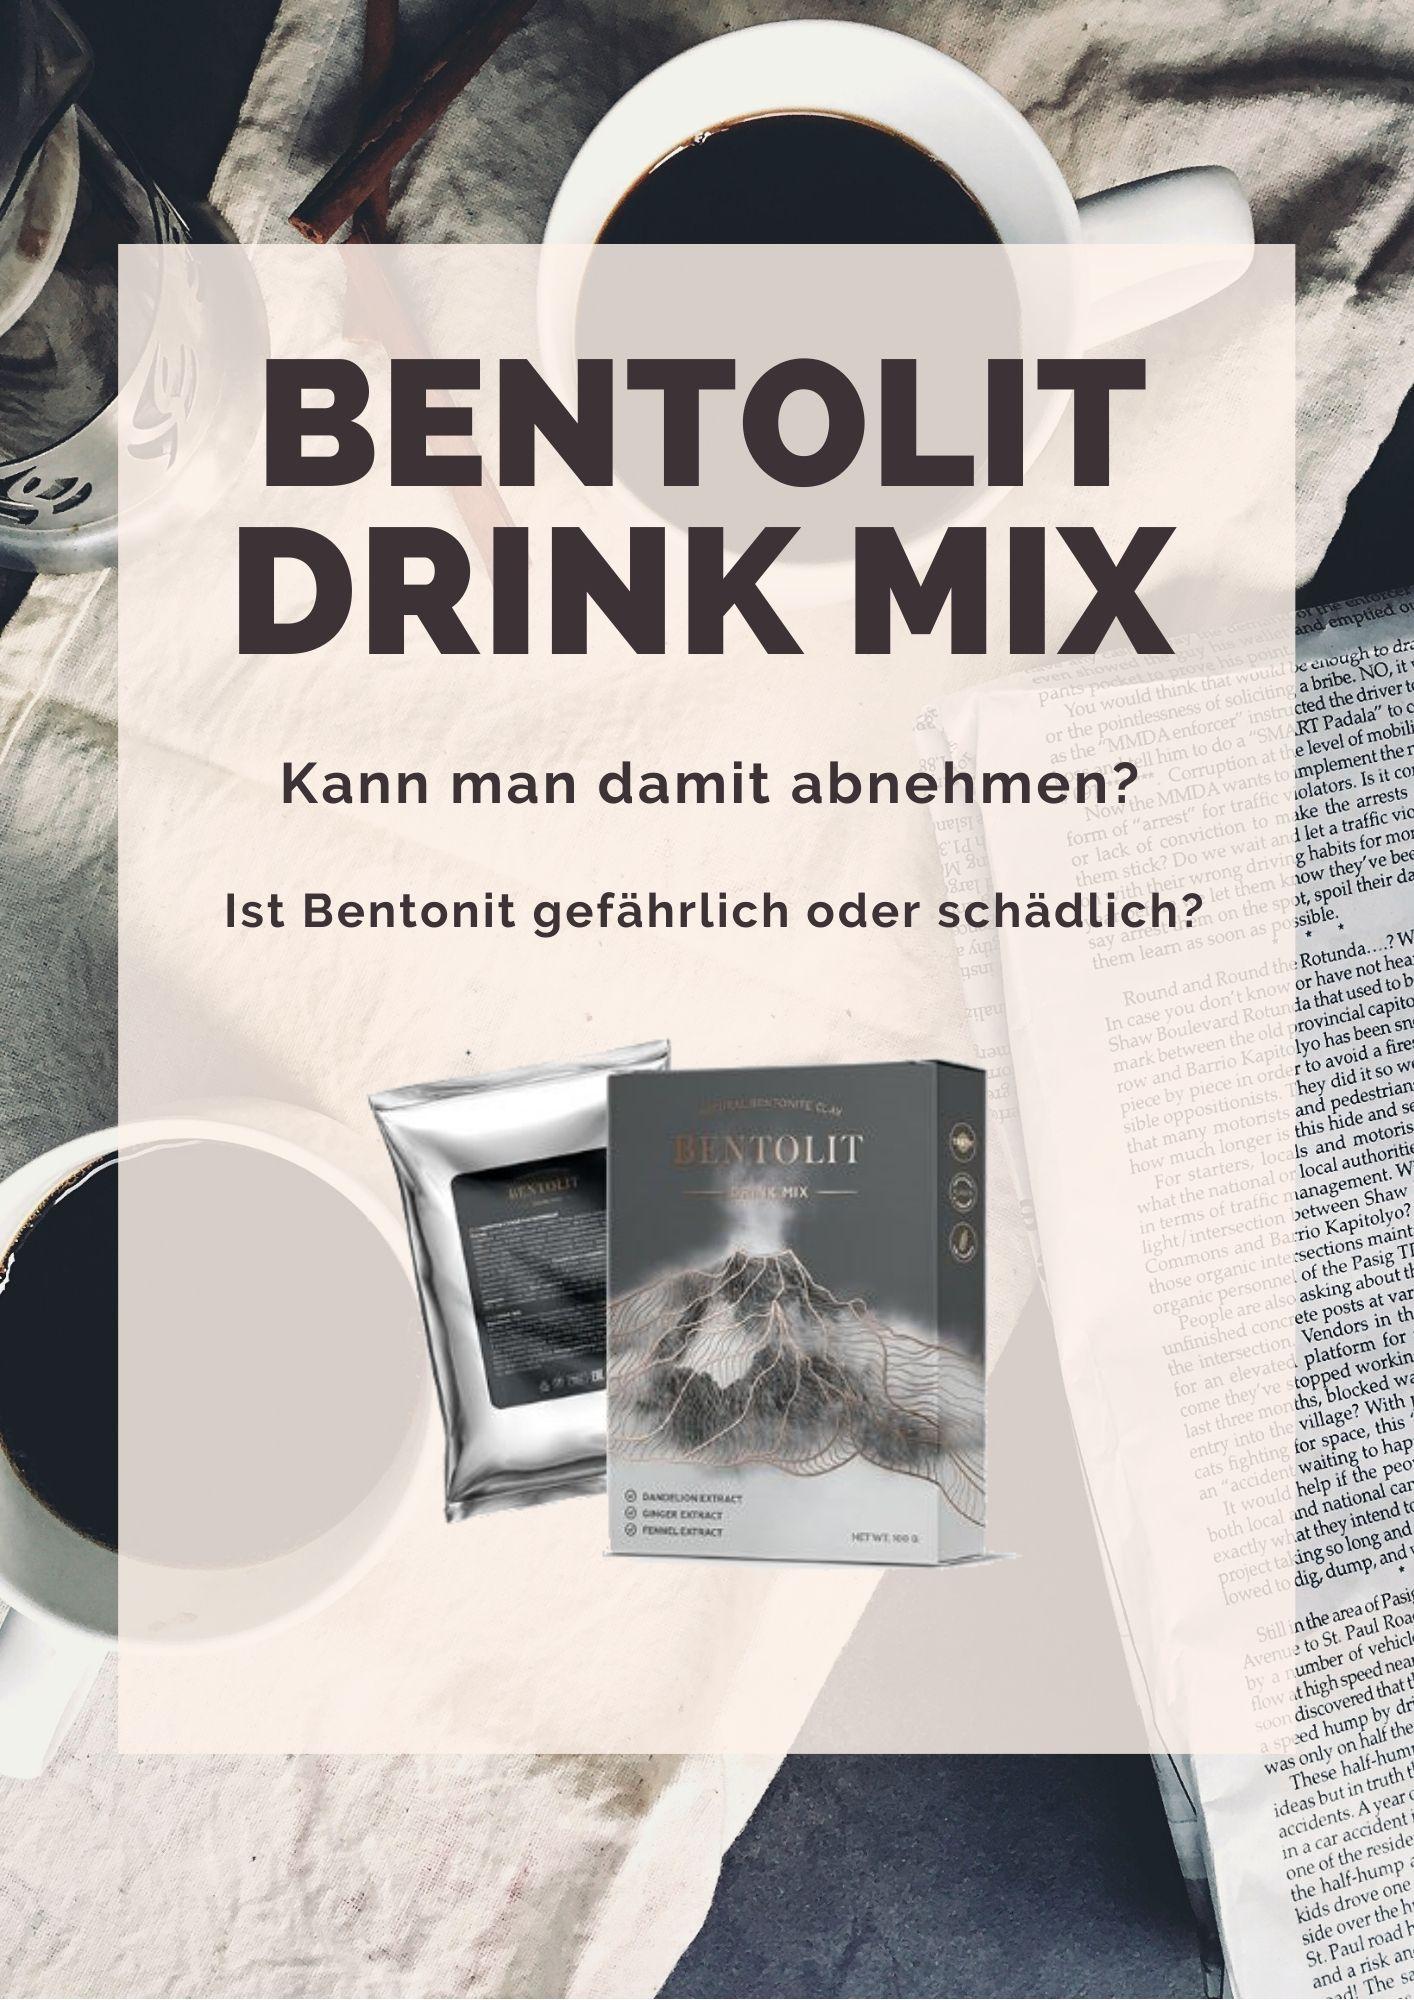 Well Mix Diät Drink Erfahrungen